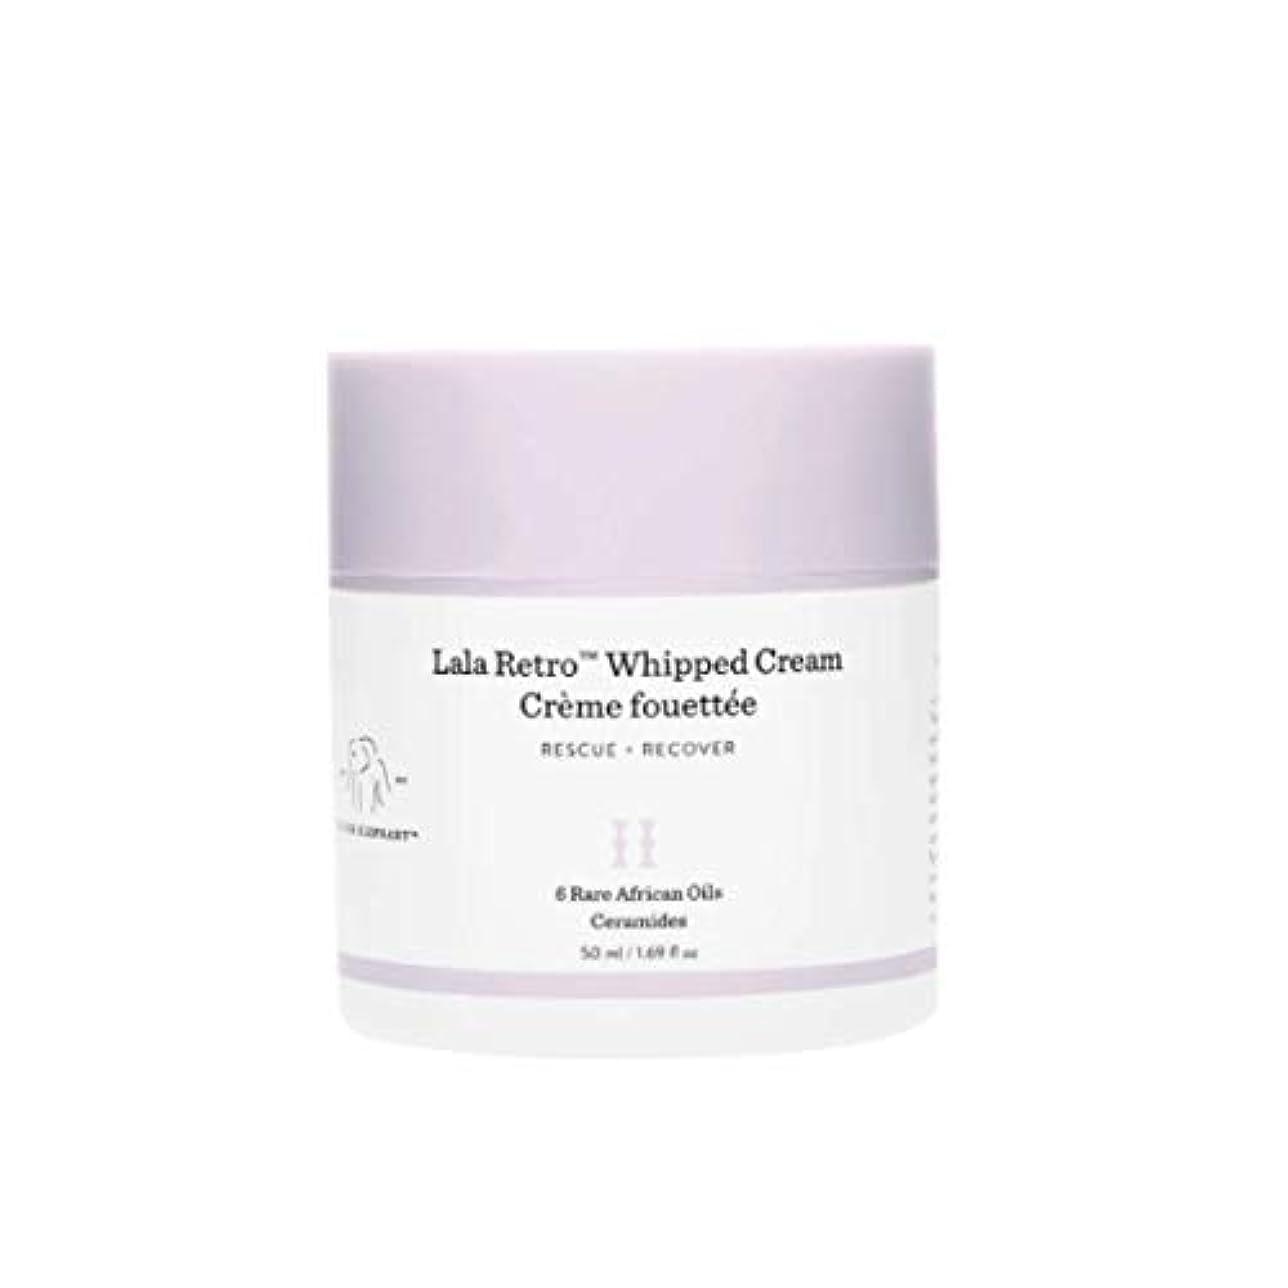 ひどく複雑レタッチDRUNK ELEPHANT Lala Retro Whipped Cream 1.69 oz/ 50 ml ドランクエレファント ララレトロ ホイップドクリーム 1.69 oz/ 50 ml